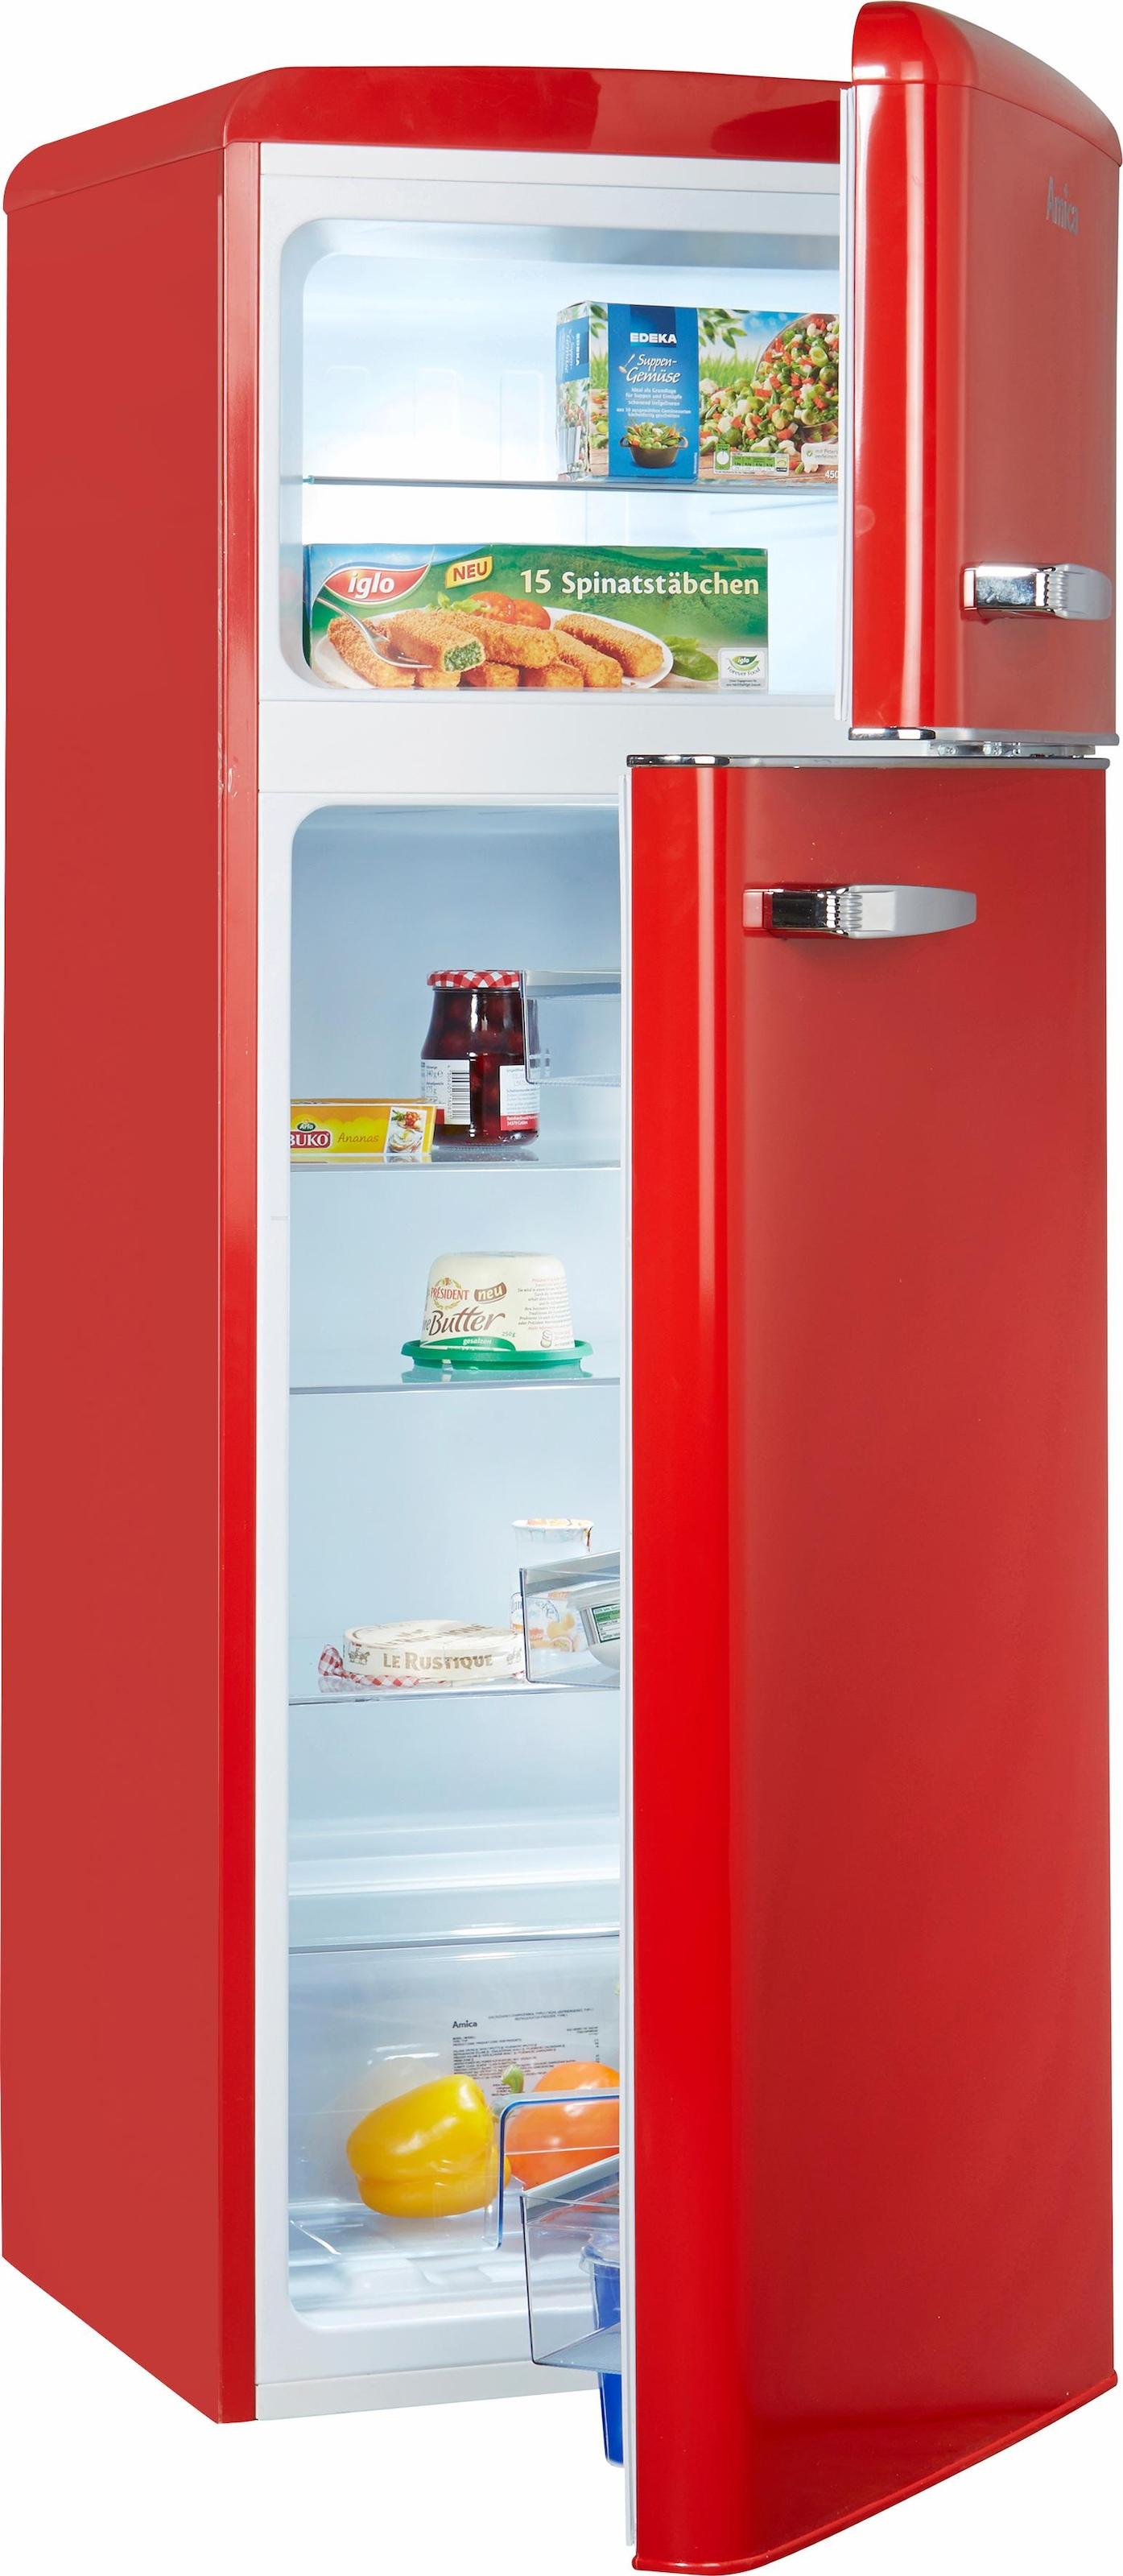 Amica Kühlschrank Garantie : Amica onlineshop haushaltsgeräte von amica kaufen baur